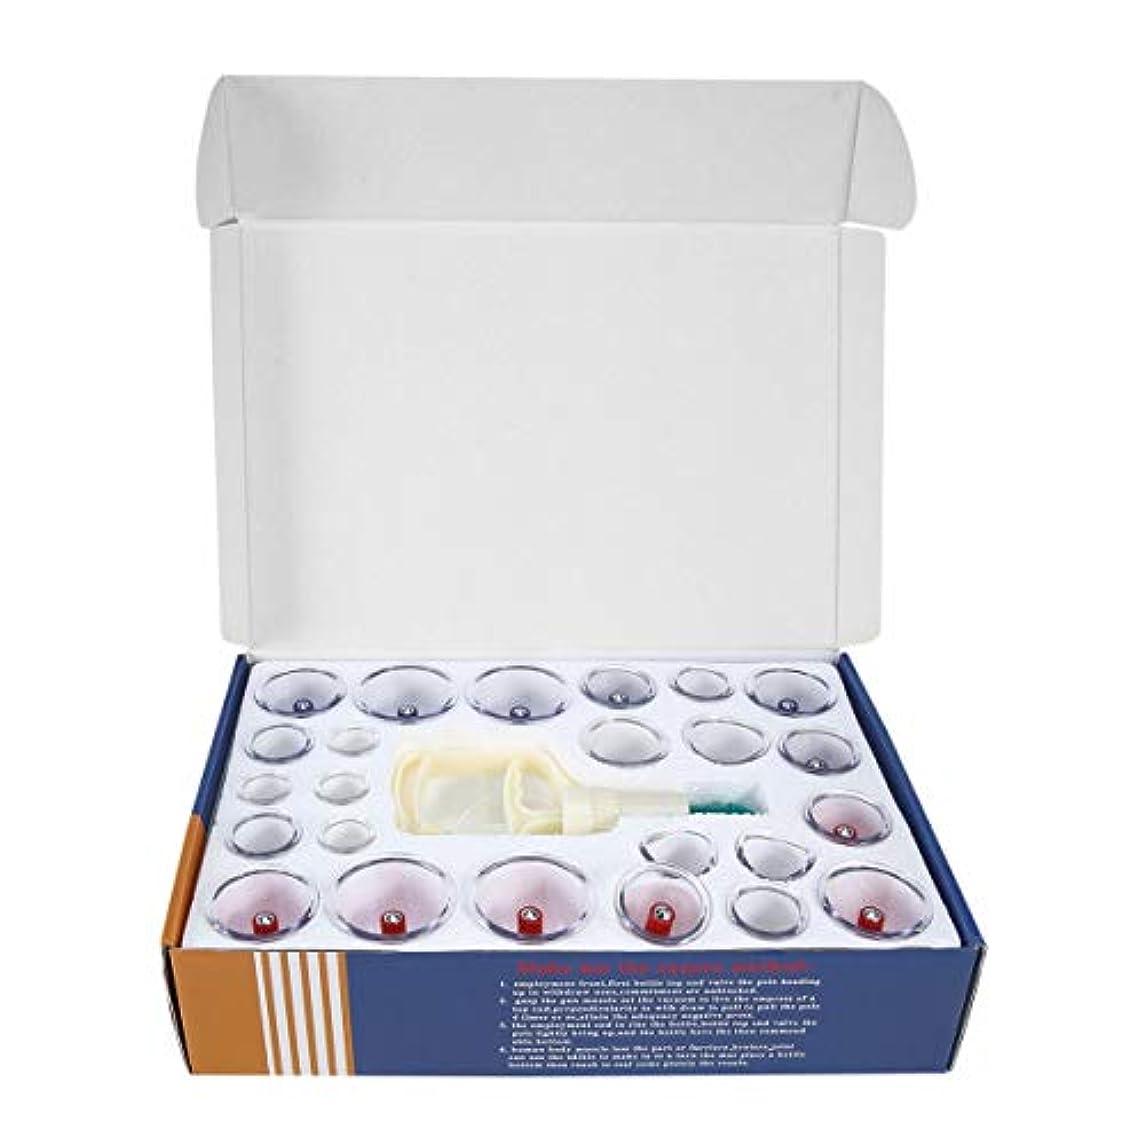 ルーチン推定する誘う24ピースマッサージ缶カップをカッピング中国真空医療医療真空体 【Dreambarrier】